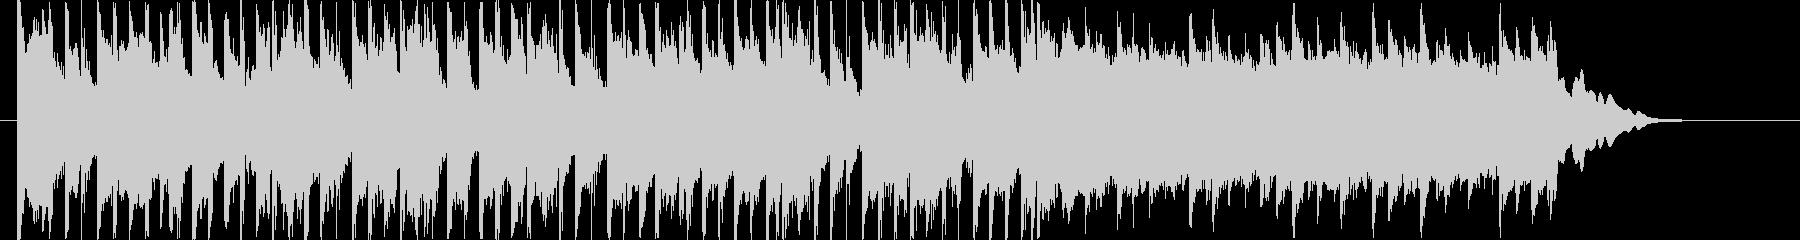 疾走感あるポップBGM(30ver)の未再生の波形